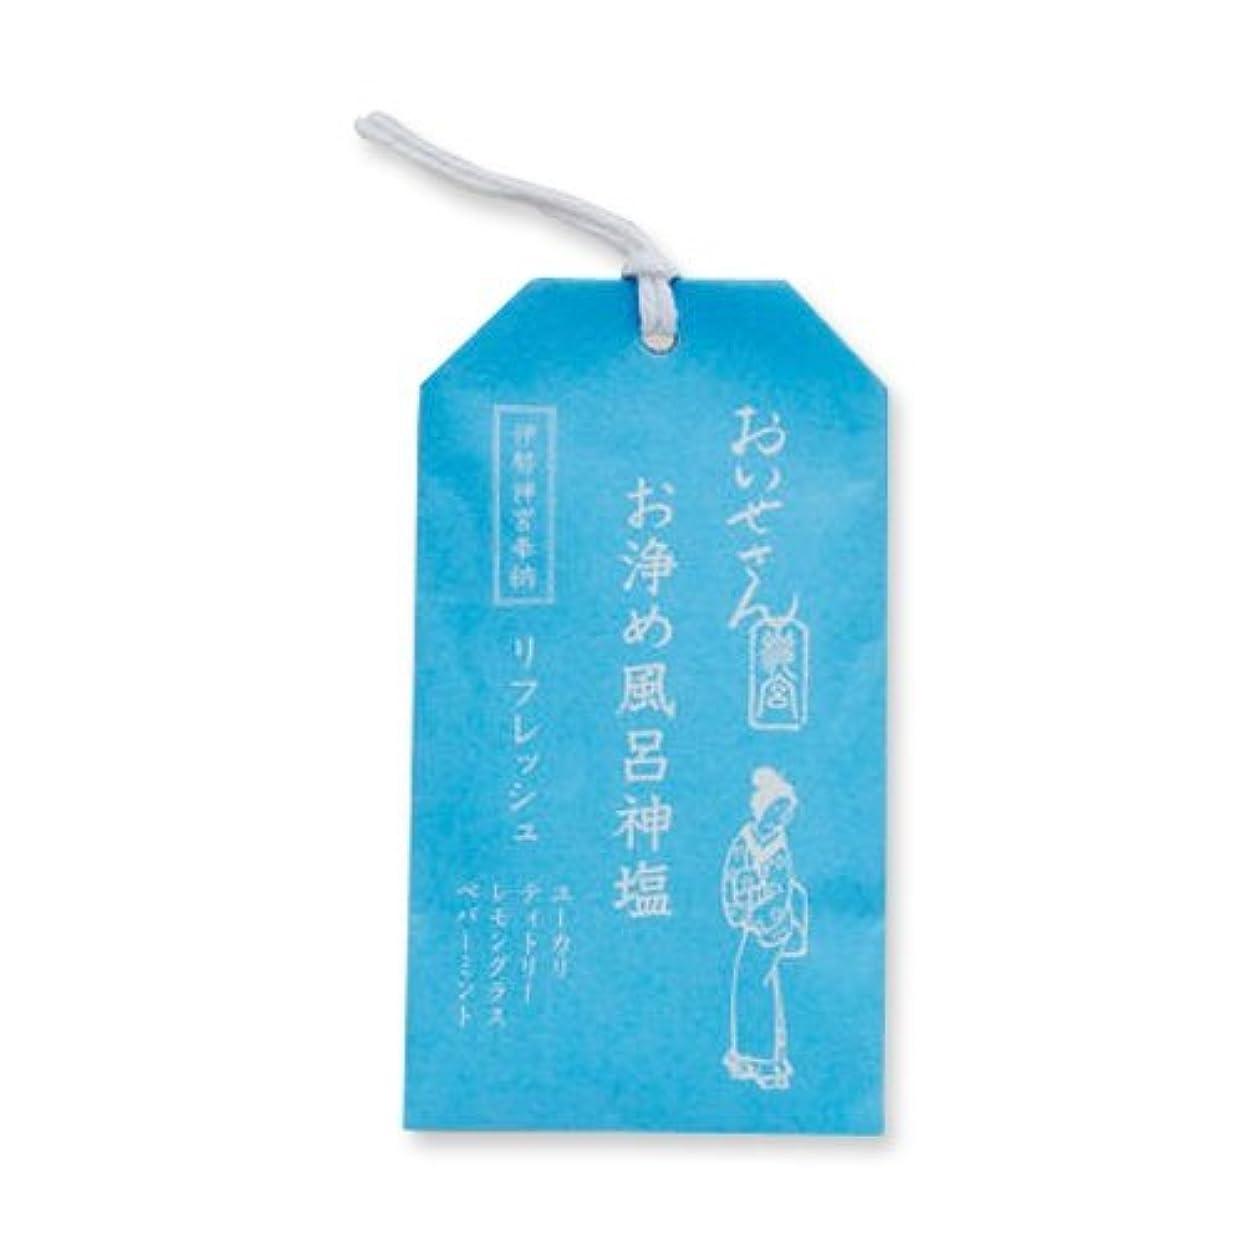 化学者側溝排除するおいせさん お浄め風呂神塩 バス用ソルト(リフレッシュ) 20g